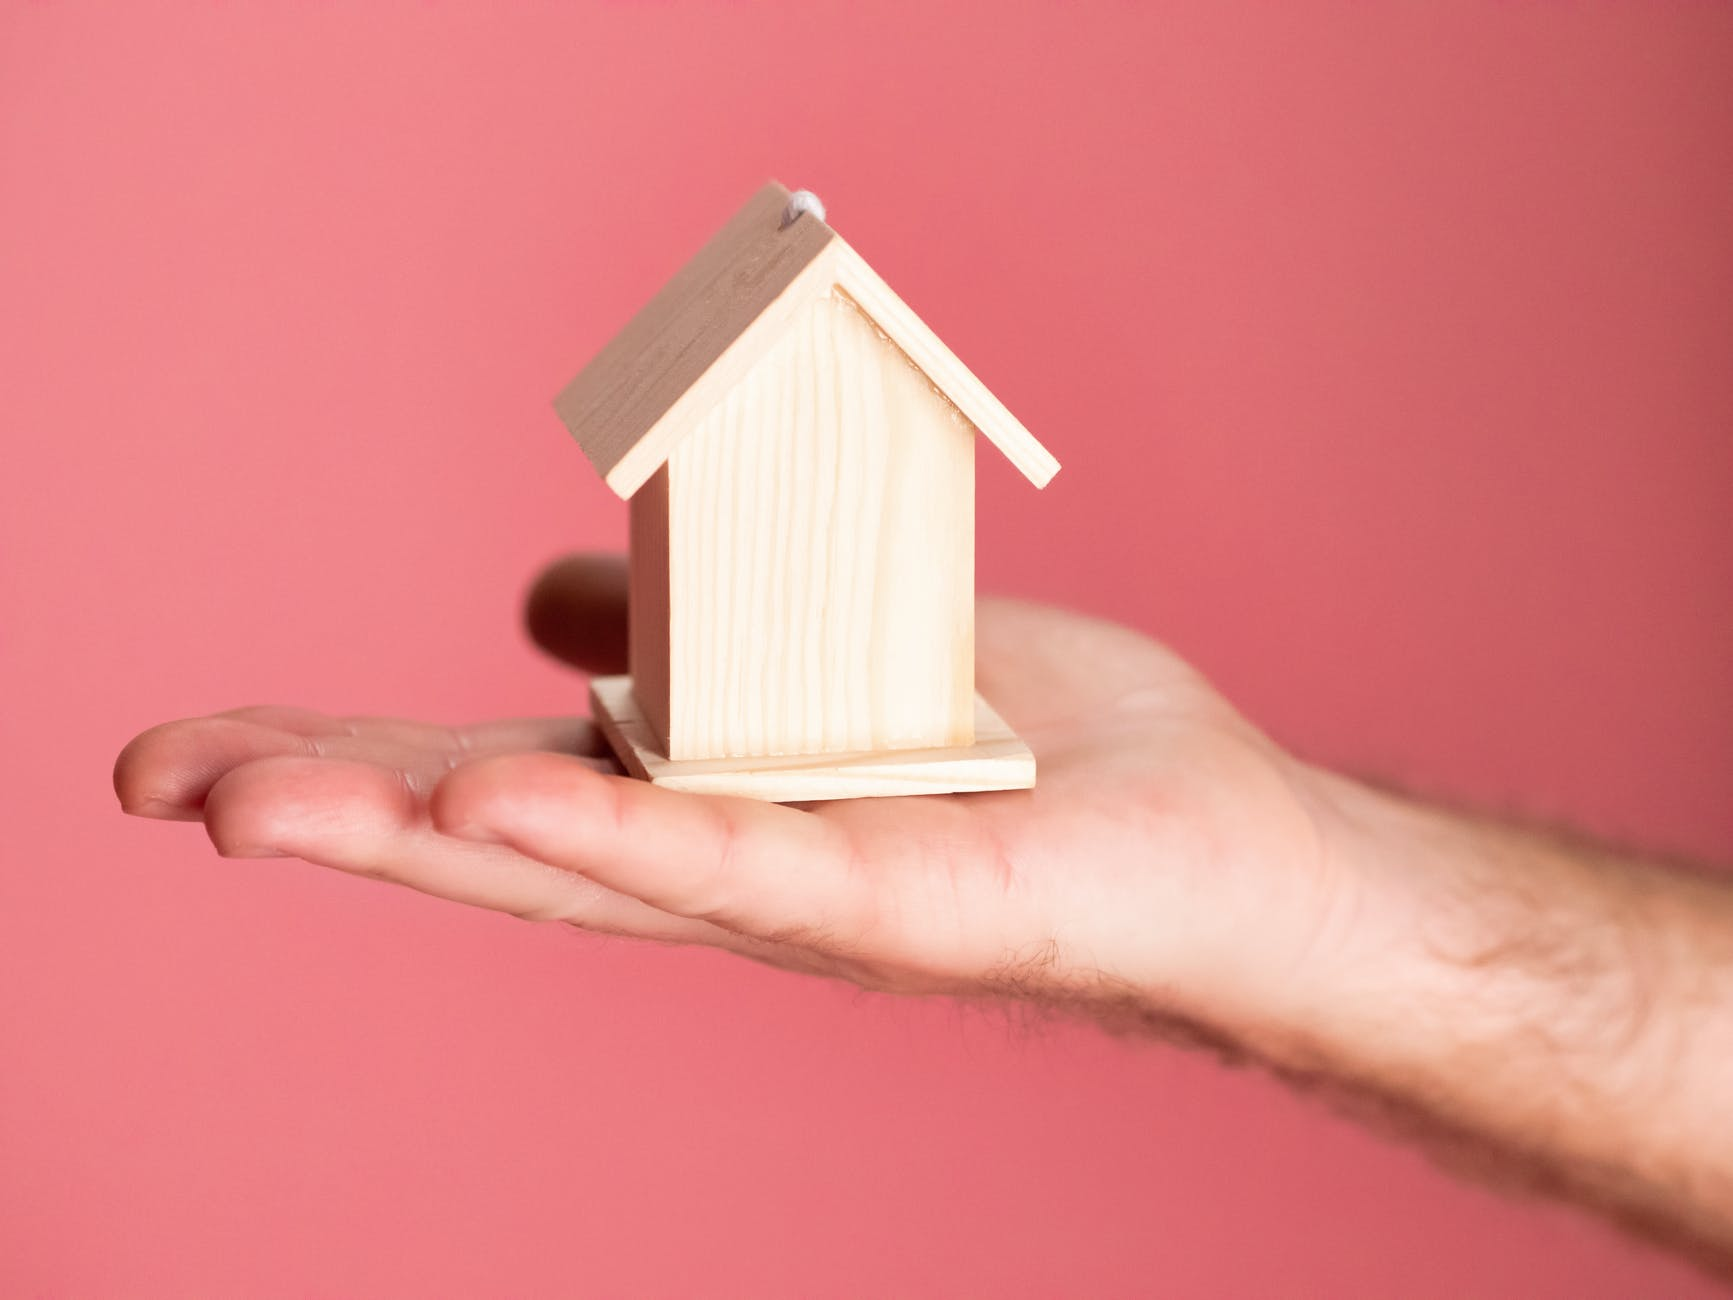 ¿Cuáles son los tipos de compradores inmobiliarios de hoy?